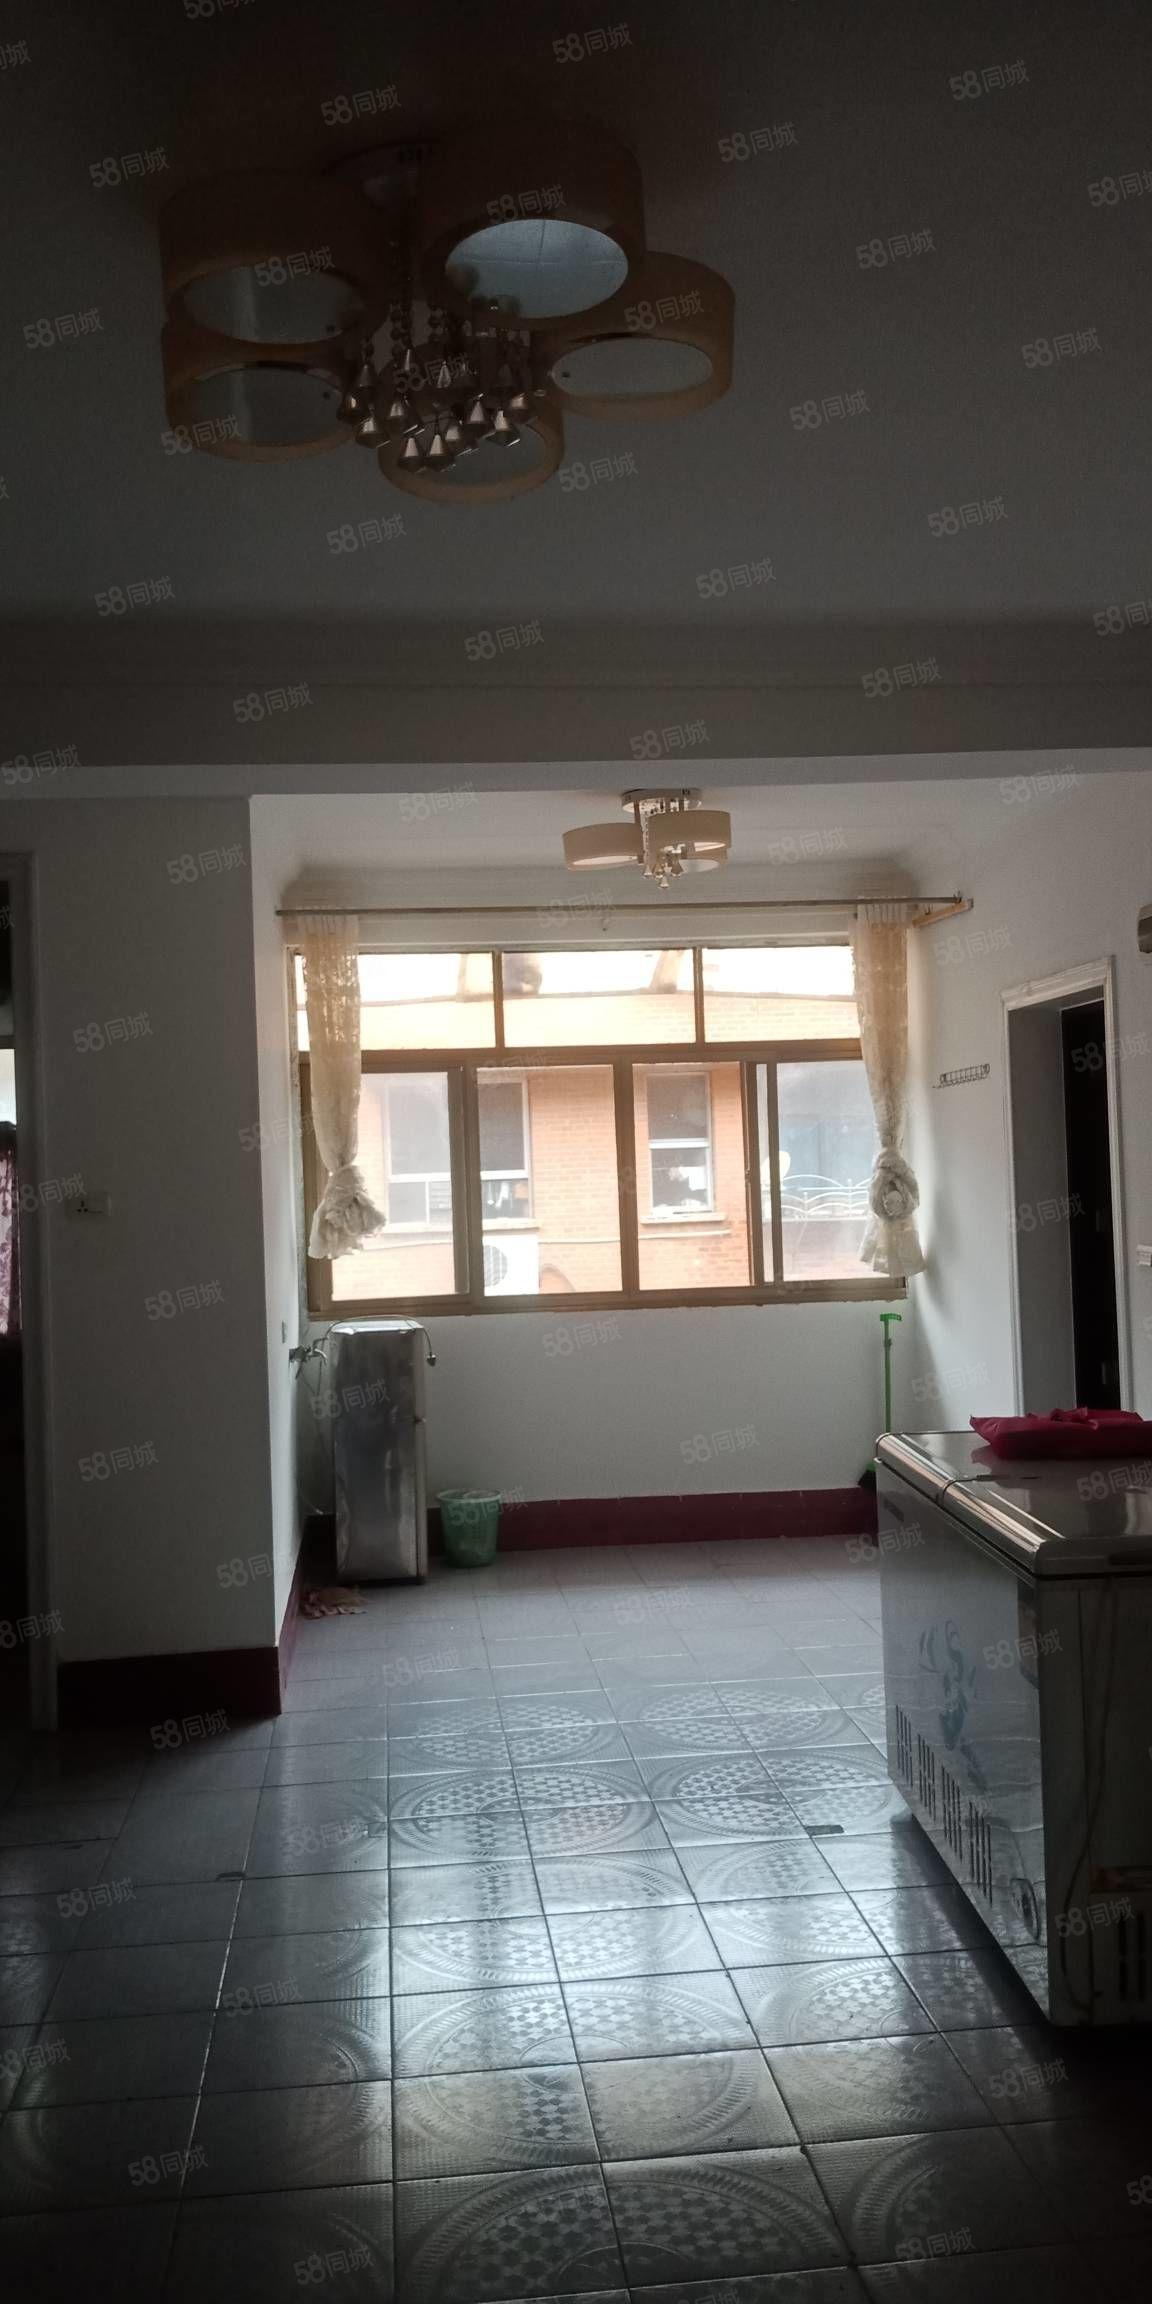 万博片区简装三室两厅一卫急售